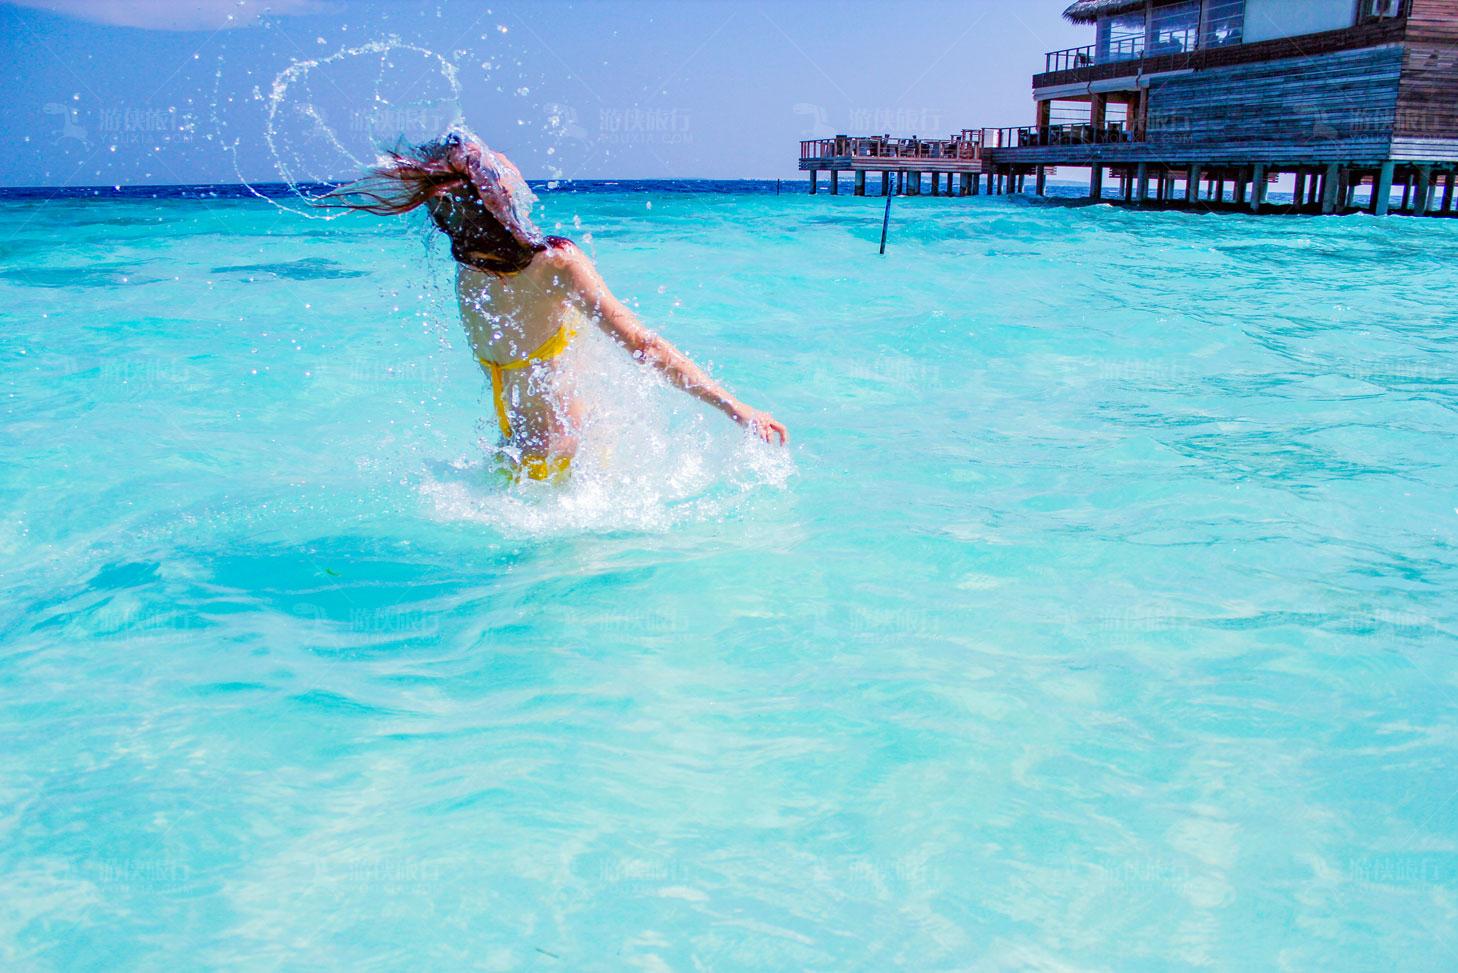 马尔代夫最大无边泳池